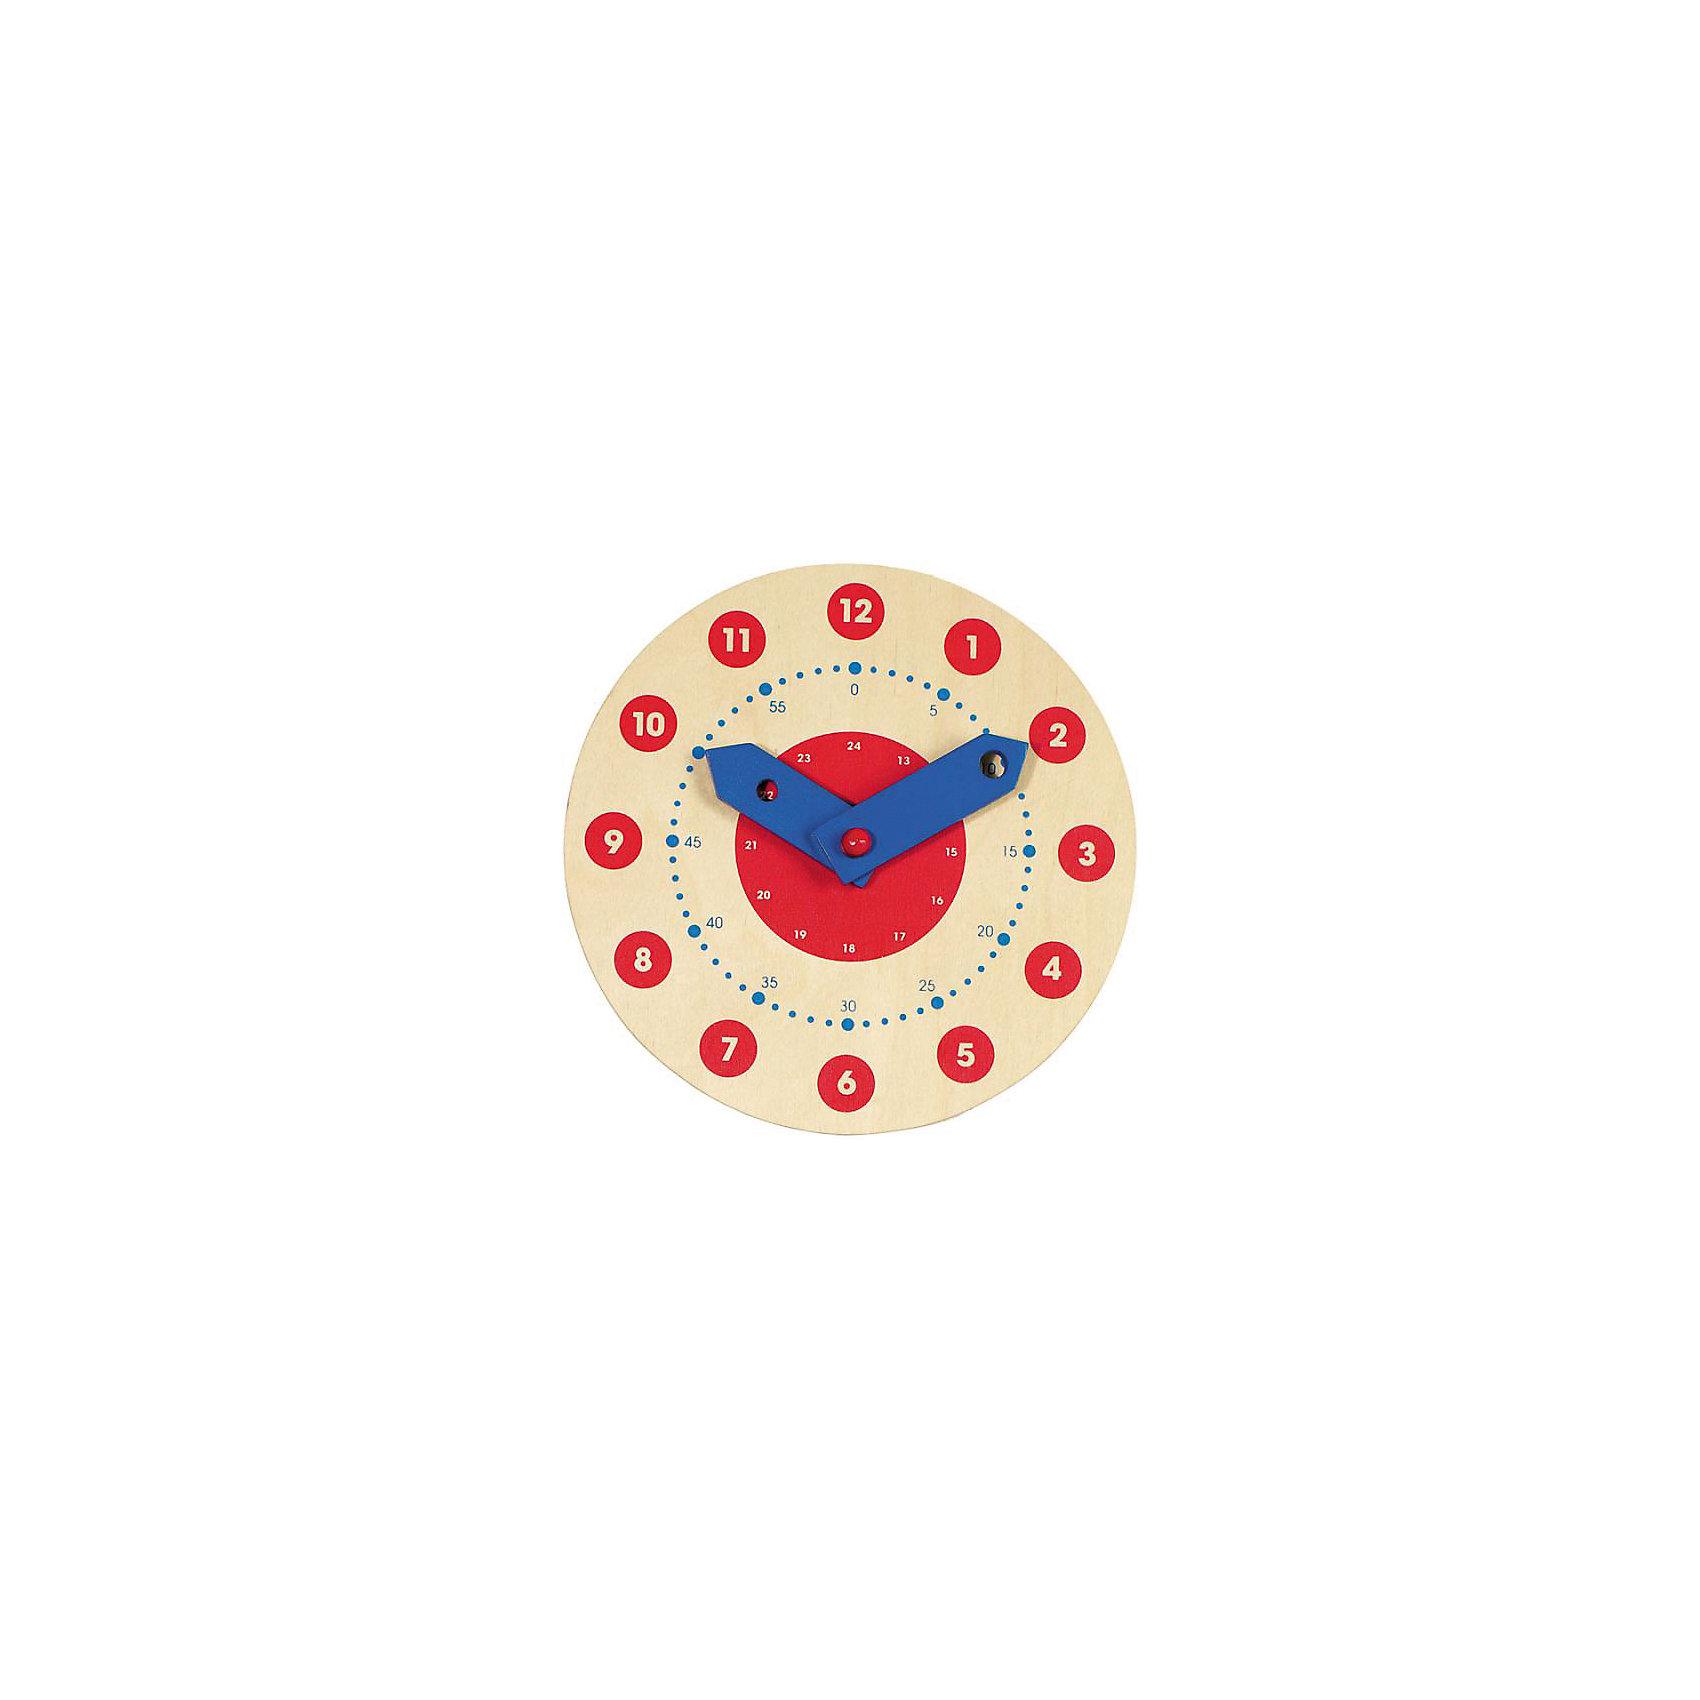 Часы для обучения (малые), gokiЯркие часы помогут малышу выучить цифры и научат ориентироваться по стрелкам. Игрушка изготовлена из натурального дерева, не имеет острых углов, раскрашен безопасными для детей красителями.  <br><br>Дополнительная информация:<br><br>- Материал: дерево.<br>- Подвижные стрелки.<br>- Диаметр: 11 см. <br><br>Часы для обучения (малые), goki (Гоки) можно купить в нашем магазине.<br><br>Ширина мм: 180<br>Глубина мм: 180<br>Высота мм: 20<br>Вес г: 200<br>Возраст от месяцев: 60<br>Возраст до месяцев: 84<br>Пол: Унисекс<br>Возраст: Детский<br>SKU: 3277212